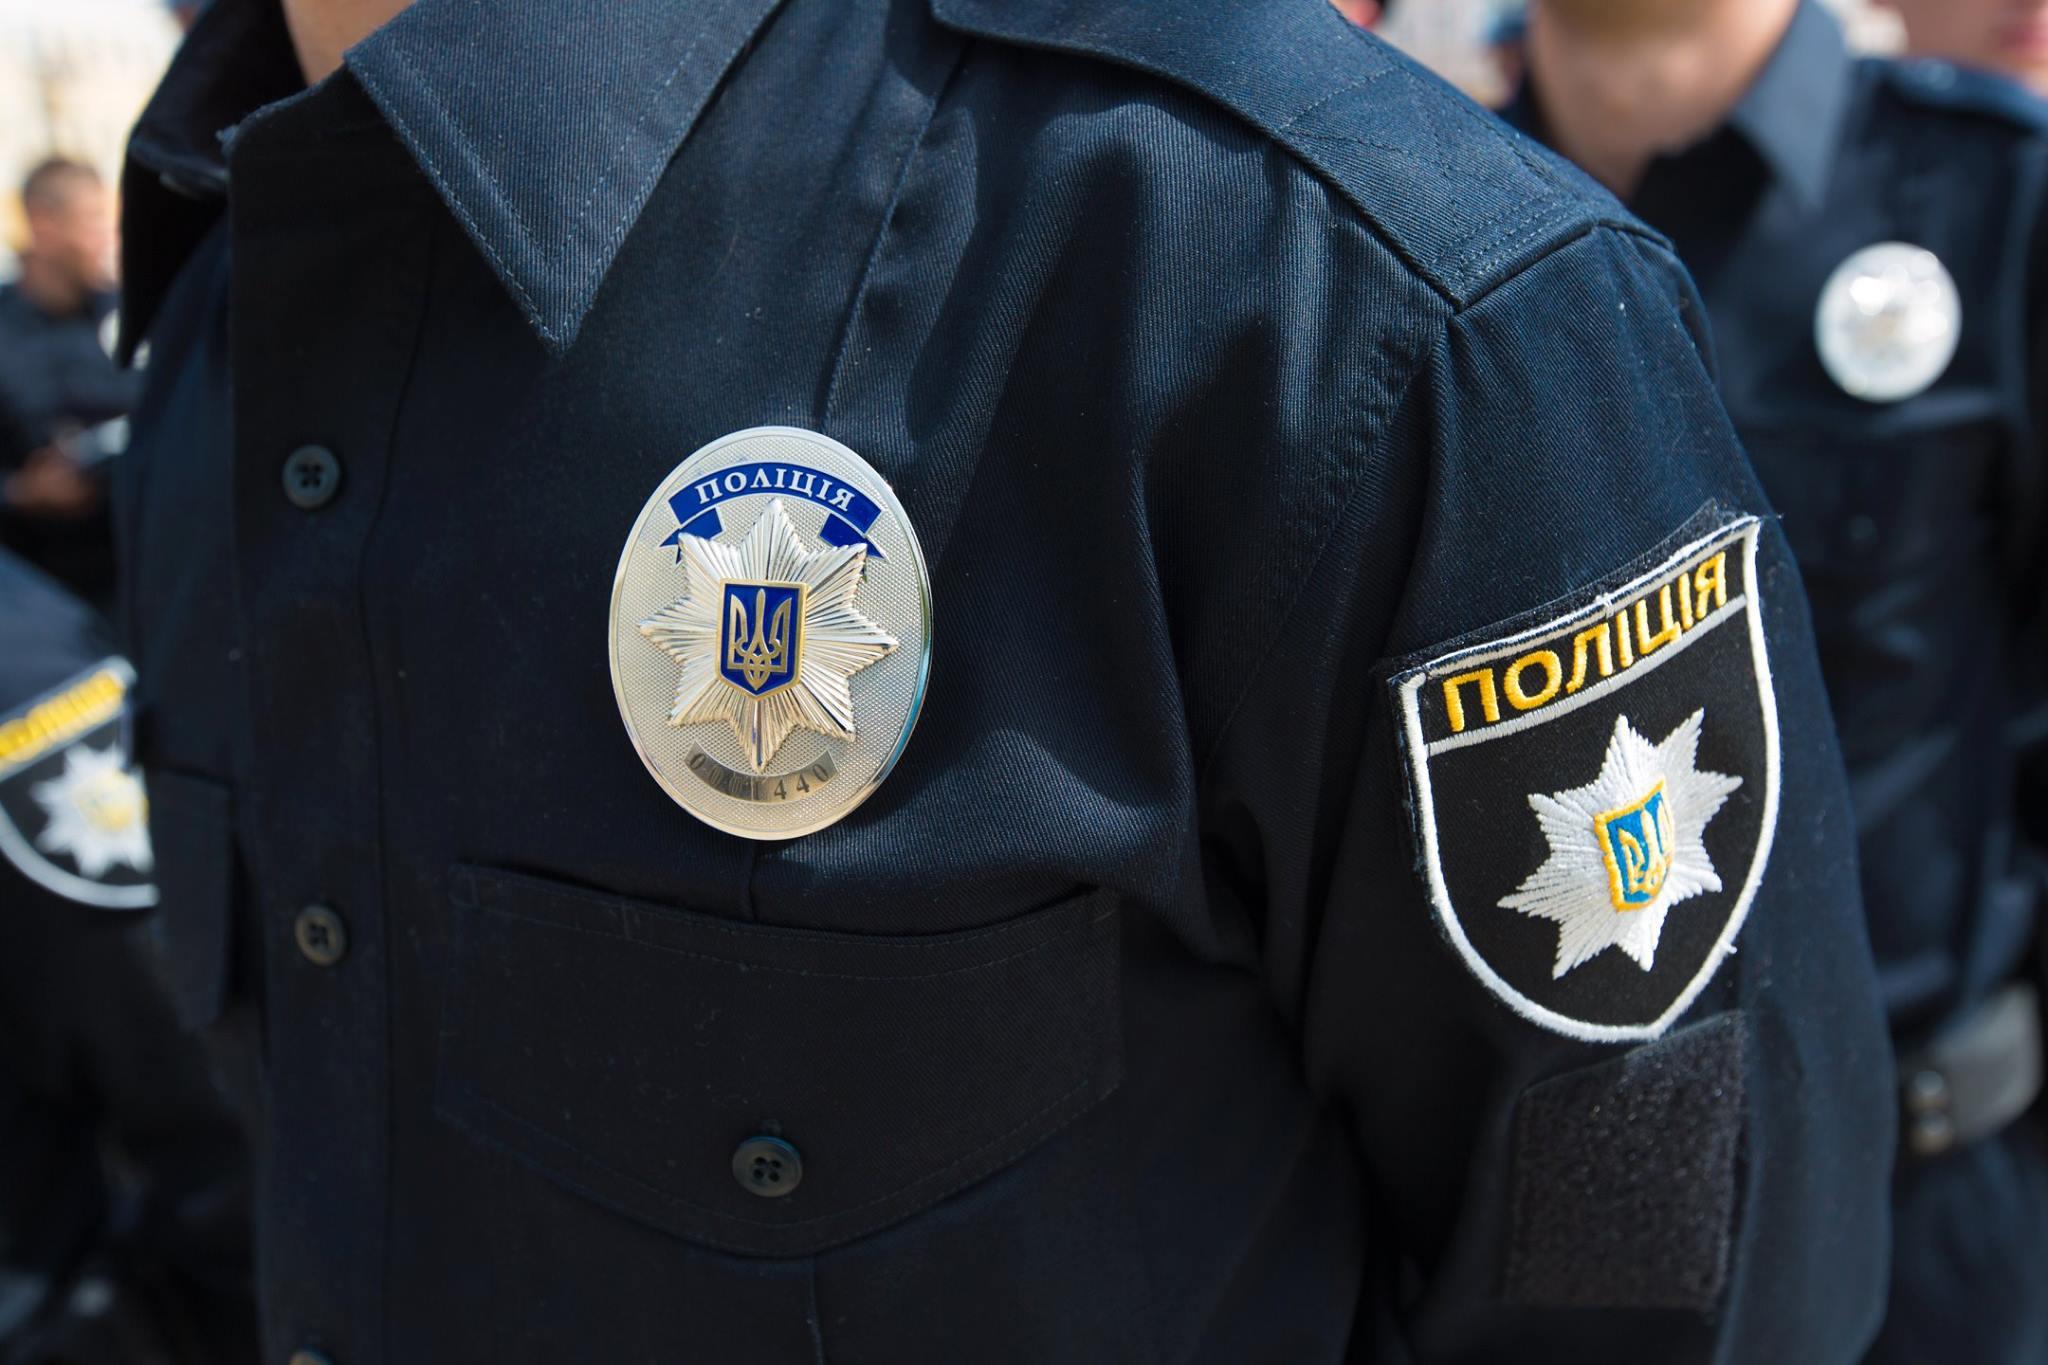 Перестрелка сотрудников ГСО и полиции под Киевом: 5 погибших